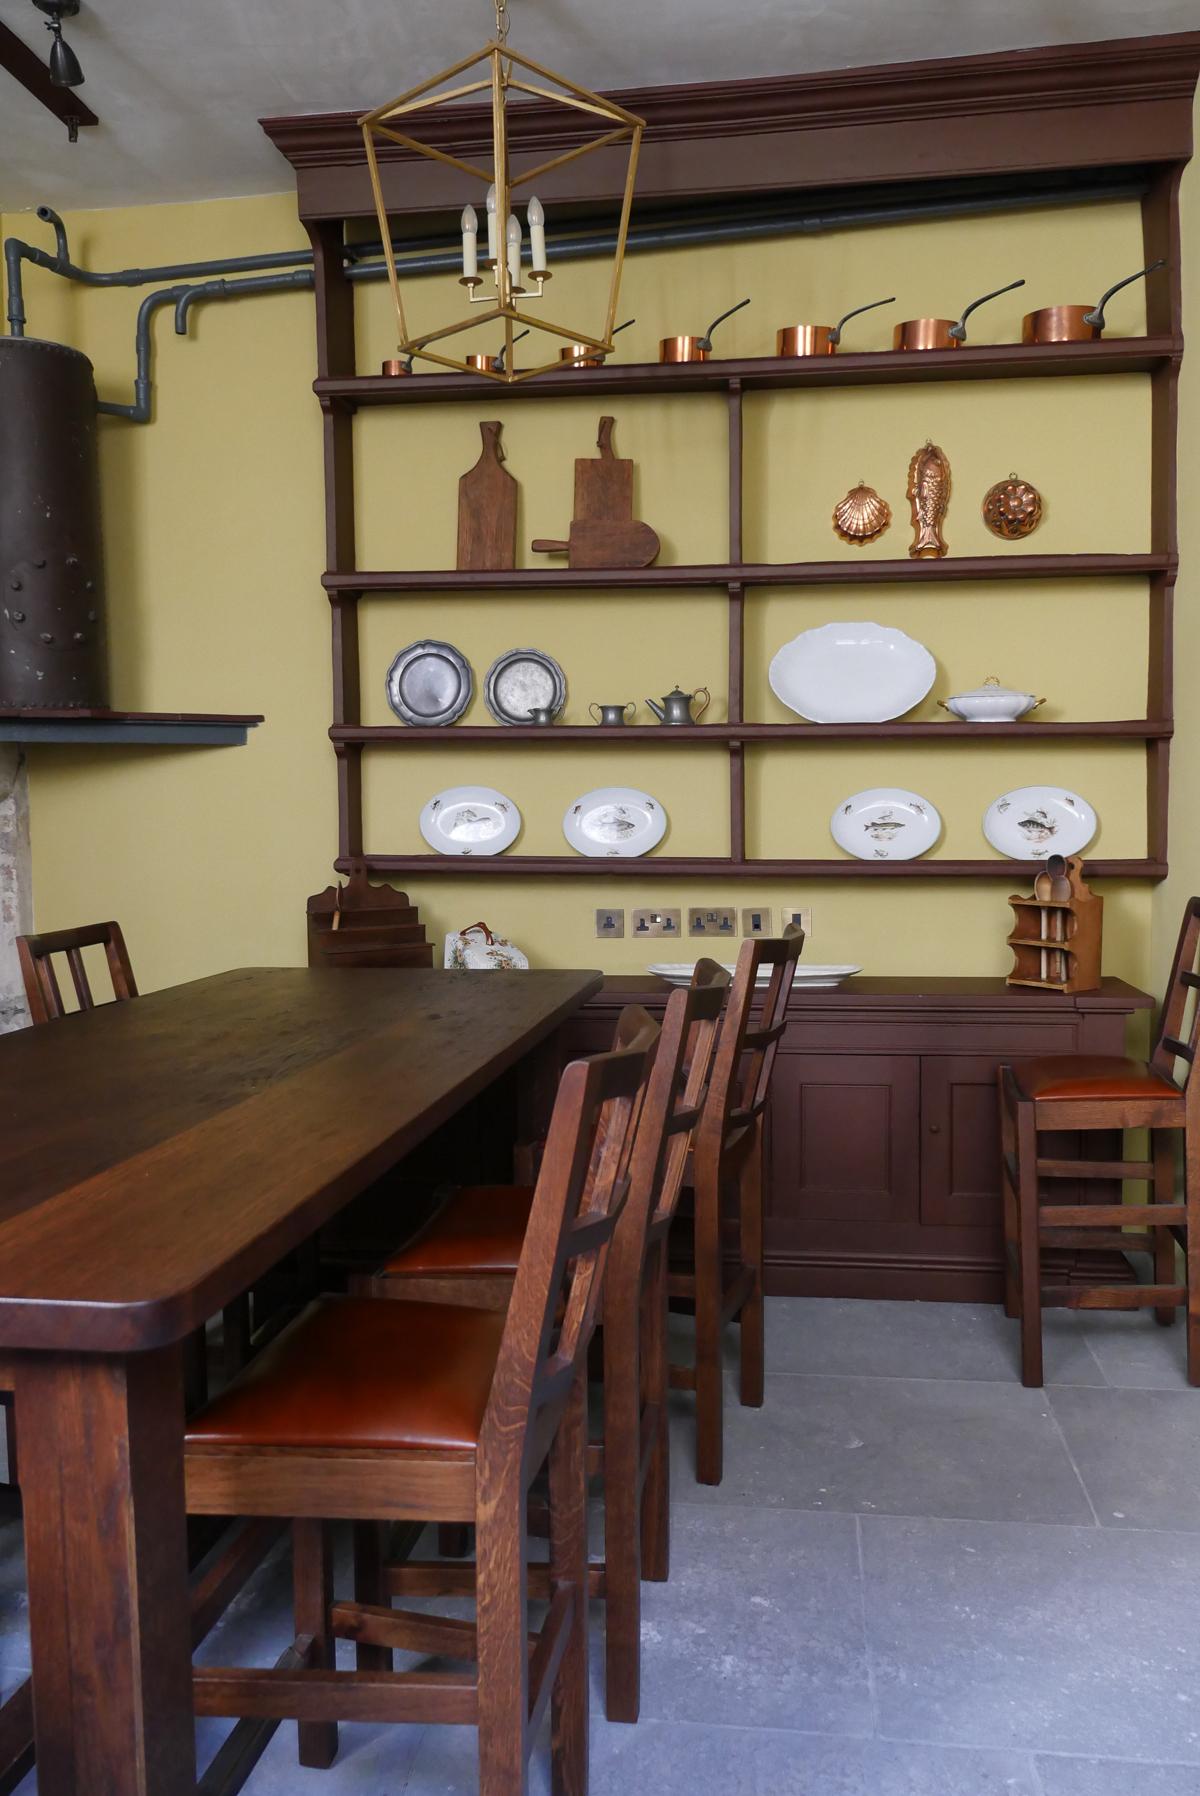 Hotel Indigo - Kitchen - Number 5